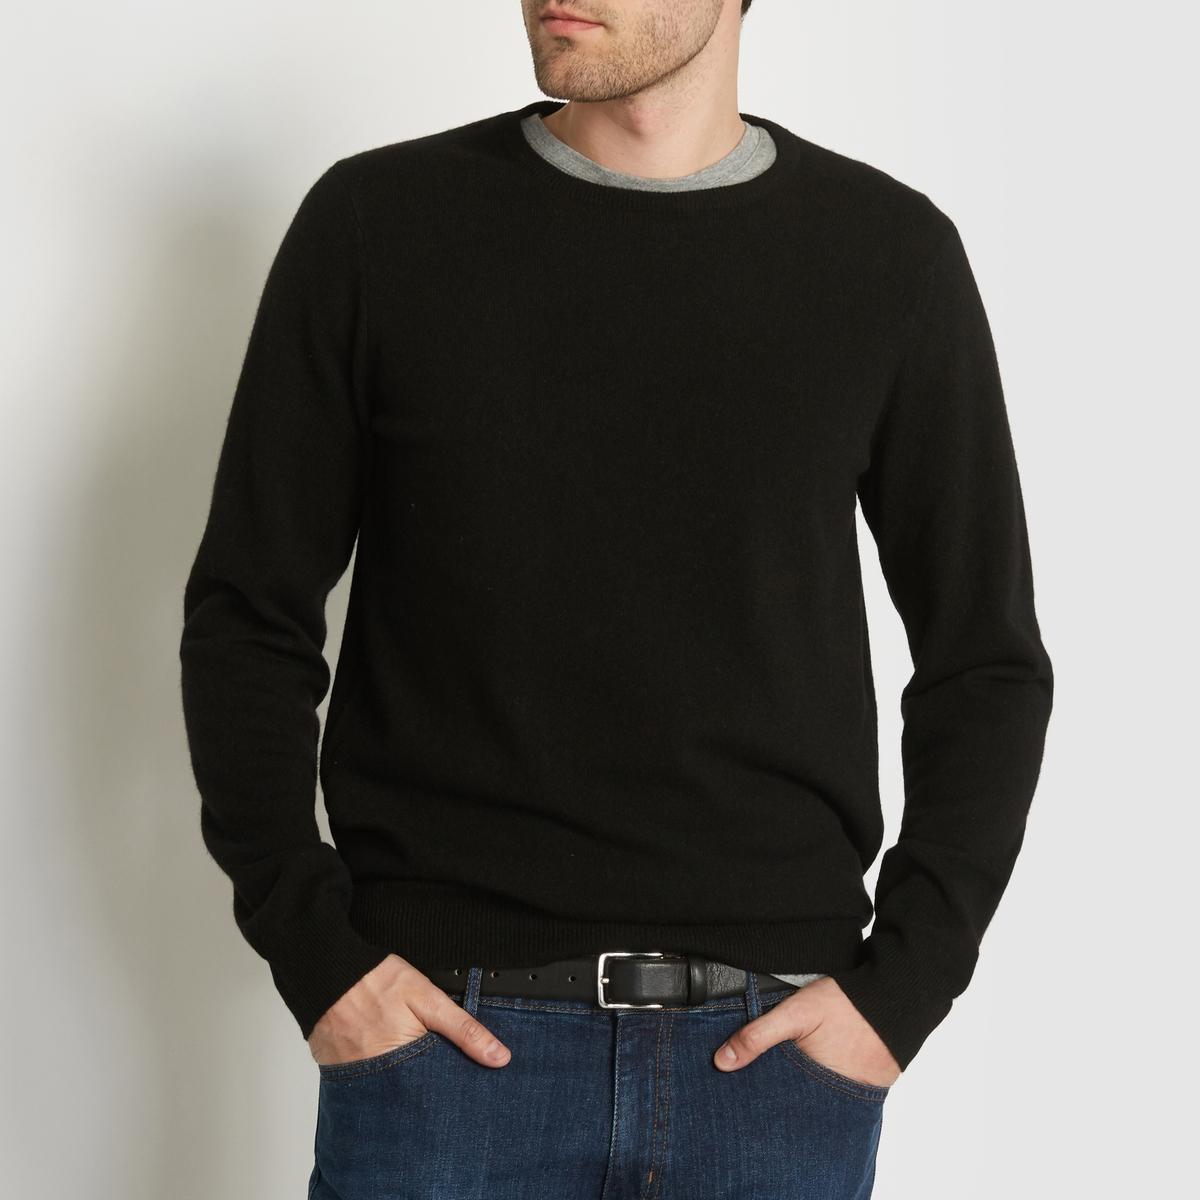 Пуловер с круглым вырезом, 100% кашемираПуловер с длинными рукавами. Прямой покрой, круглый вырез. Края выреза, низа и рукавов связаны трикотажной резинкой.                                                                   Состав и описание:                                                      Материал:  100% кашемировой шерсти                                                      Марка: R essentiel.<br><br>Цвет: сине-зеленый,темно-серый меланж,черный<br>Размер: S